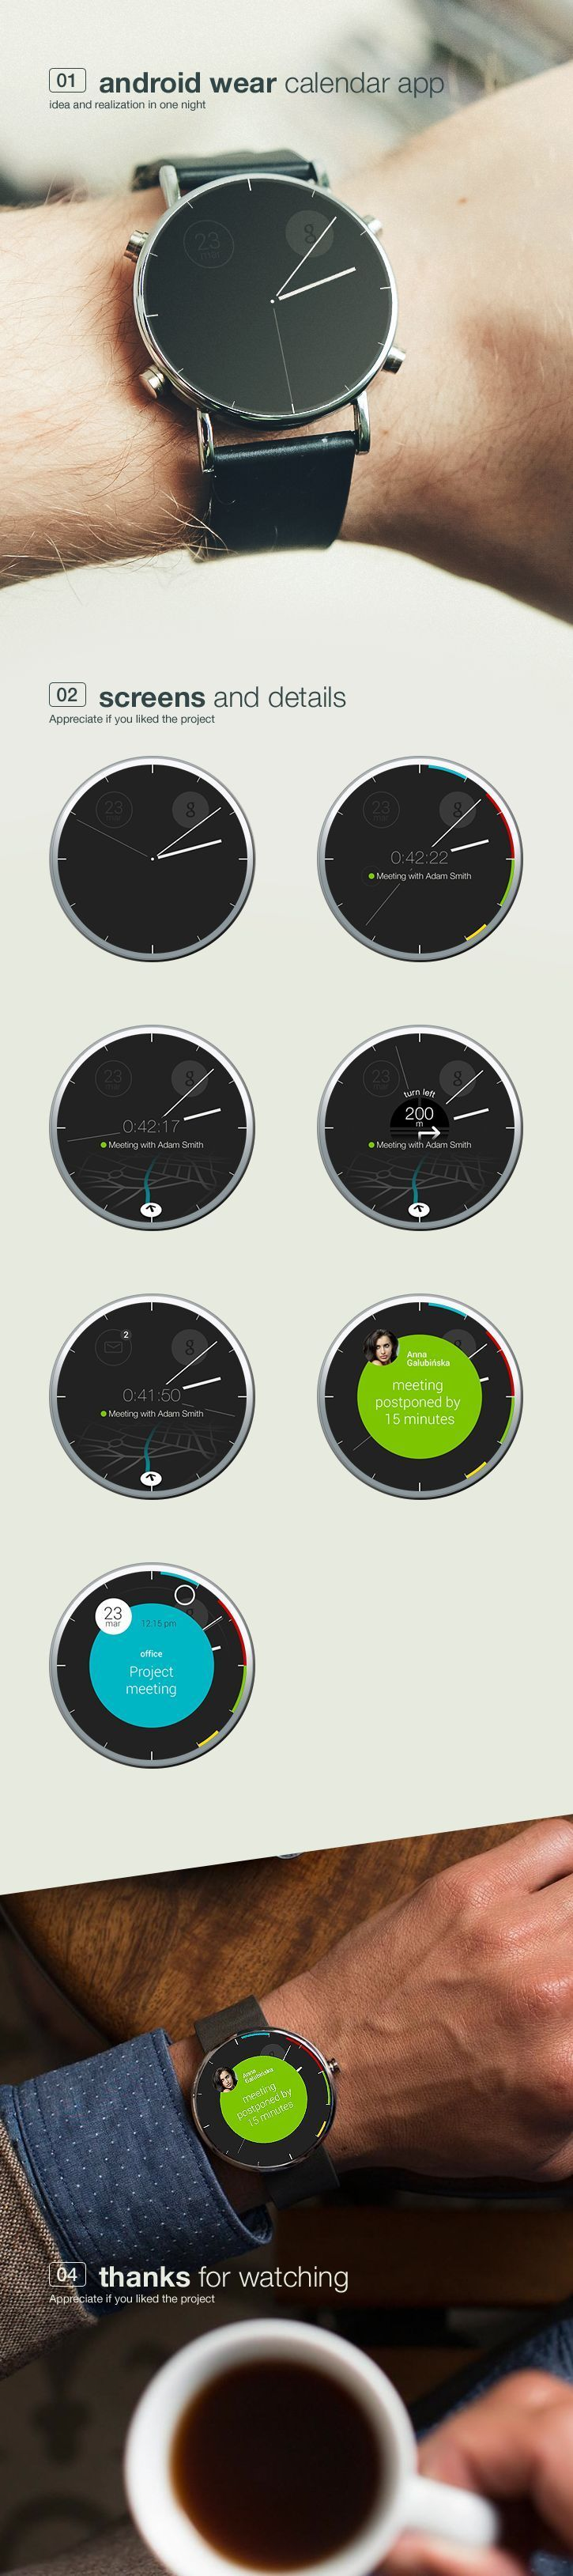 Inspiration Mobile #20 : Les montres le futur pour nos mobiles | Blog du Webdesign